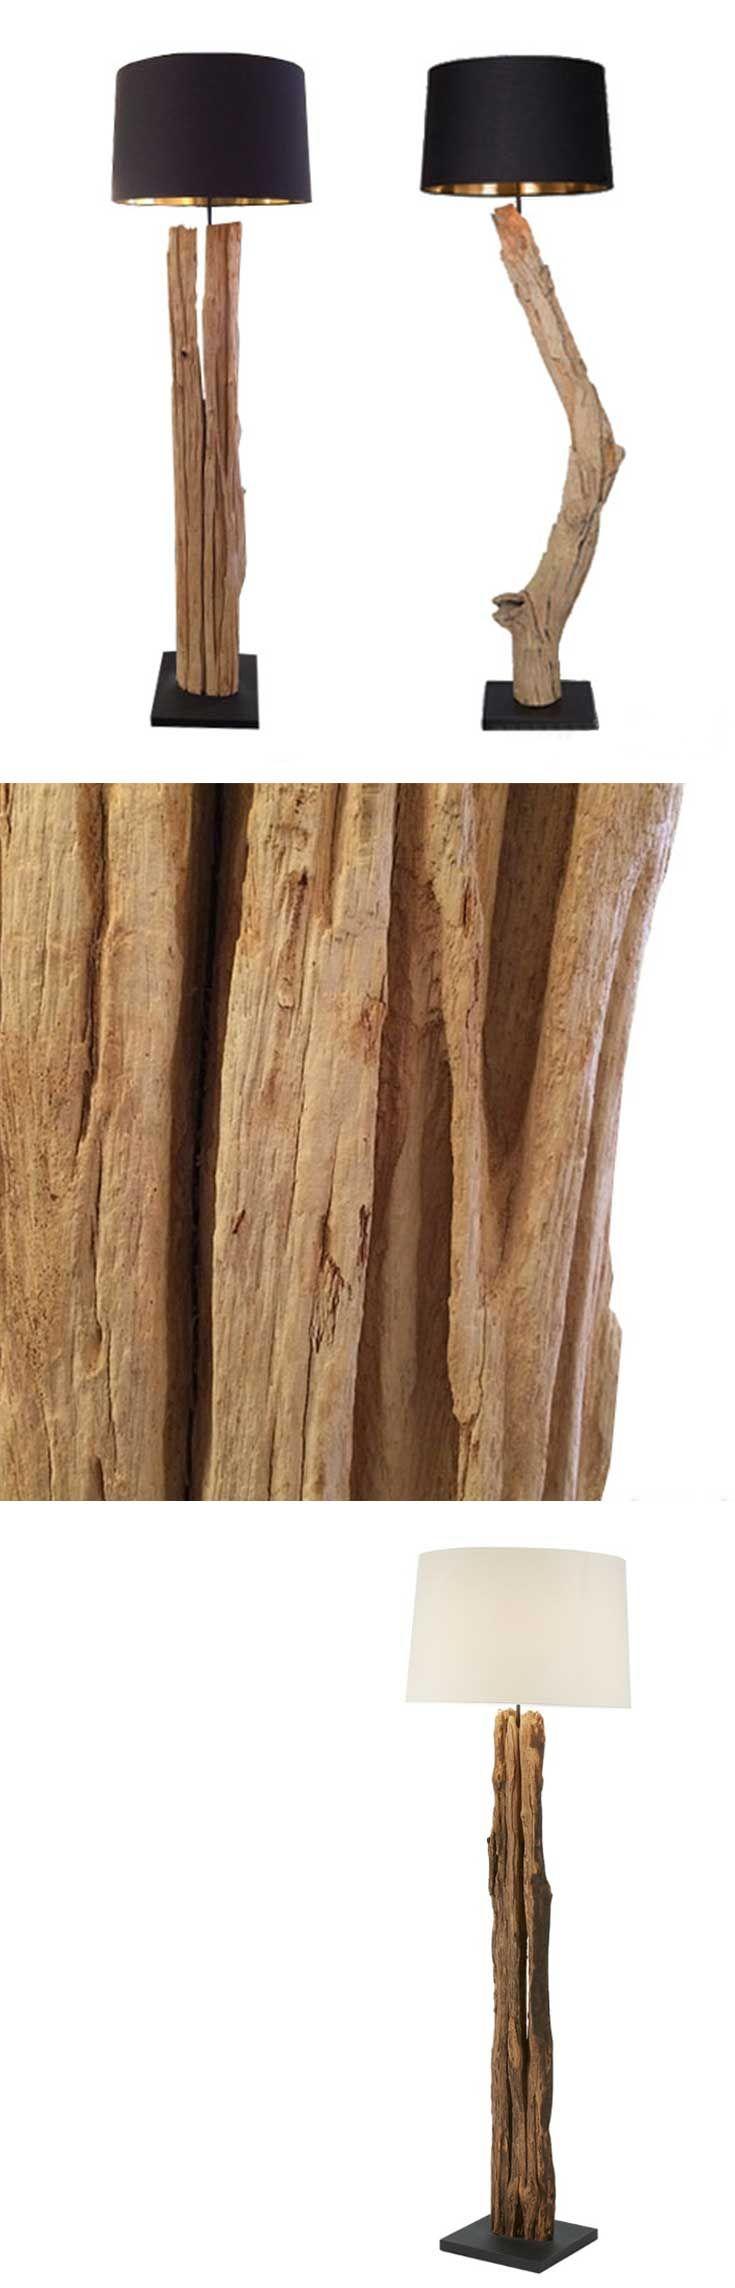 Deze elegante, moderne vloerlamp is hergebruik in zijn meest natuurlijke vorm. Het Indonesische drijfhout, gevormd door de zee, maakt elke lamp uniek. Natuurlijk hout op een solide basis vormt een originele staande lamp , terwijl de ronde lampenkap zorgt voor aangename, warme verlichting, zeker door de goude binnenkant. Een harmonieus, uniek ontwerp dat een aanwinst voor uw interieur zal zijn.